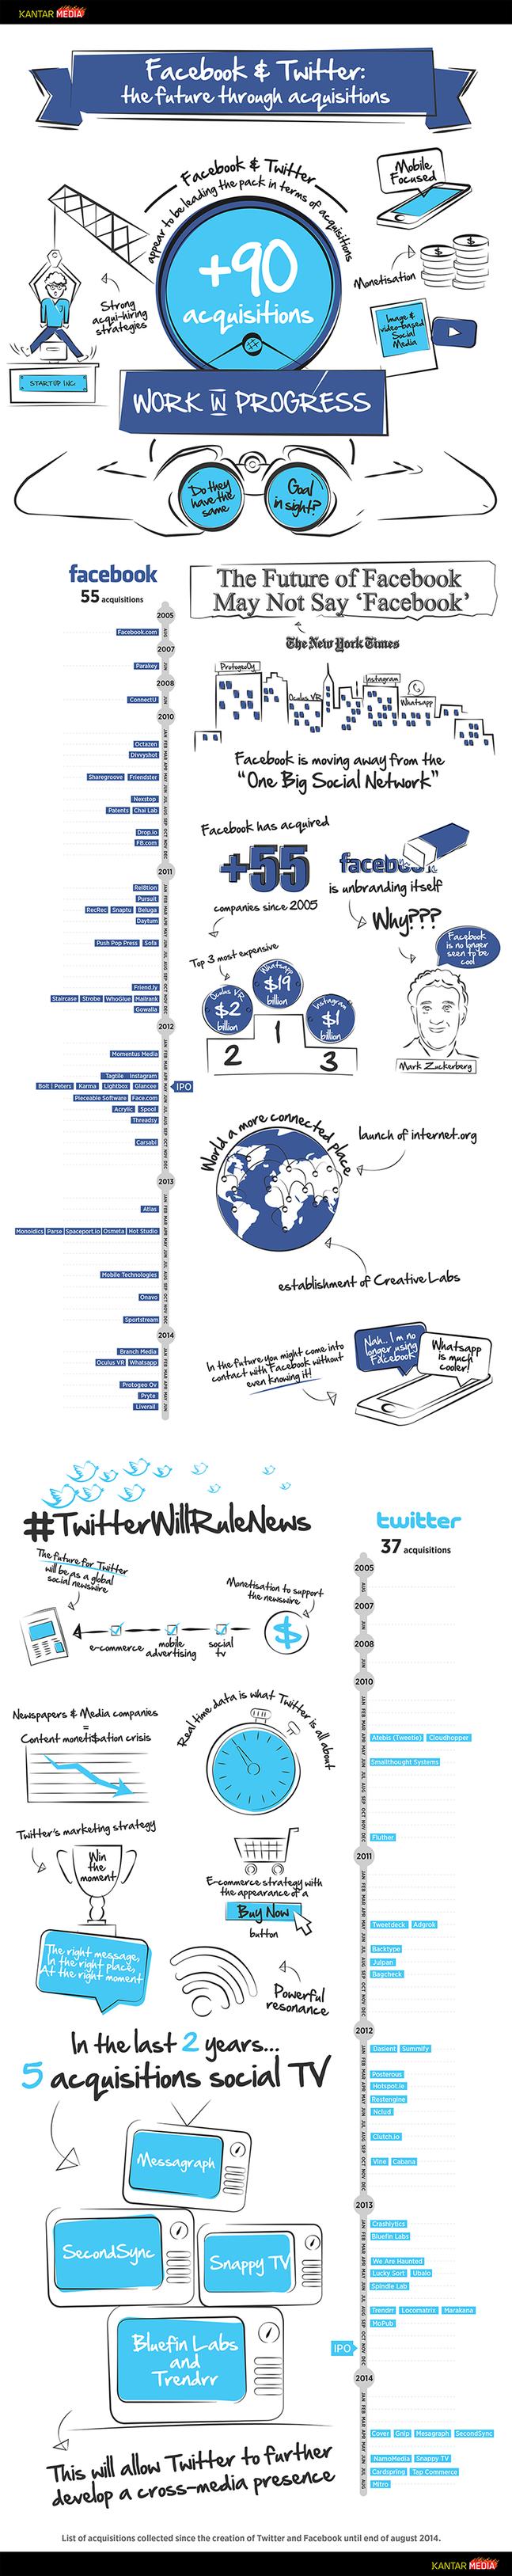 Las mejores infografías de 2014